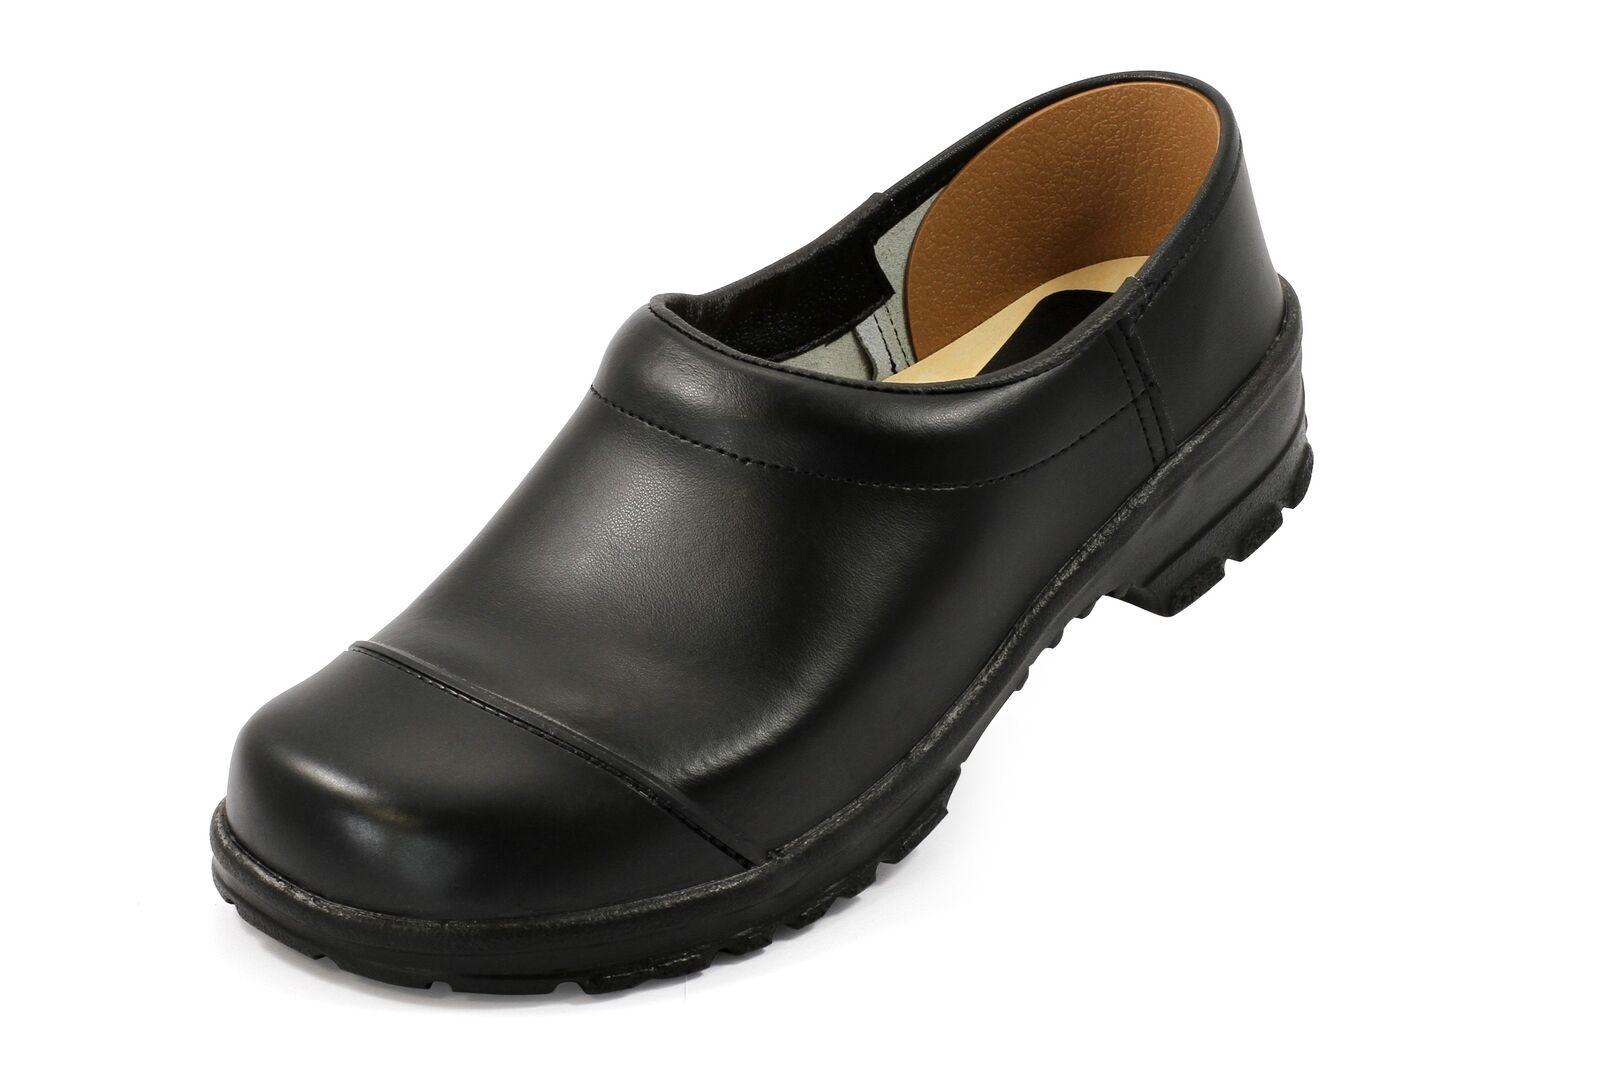 Sandali e scarpe per il mare da uomo Sika Comfort Zoccolo Chiuso Ob, Nero